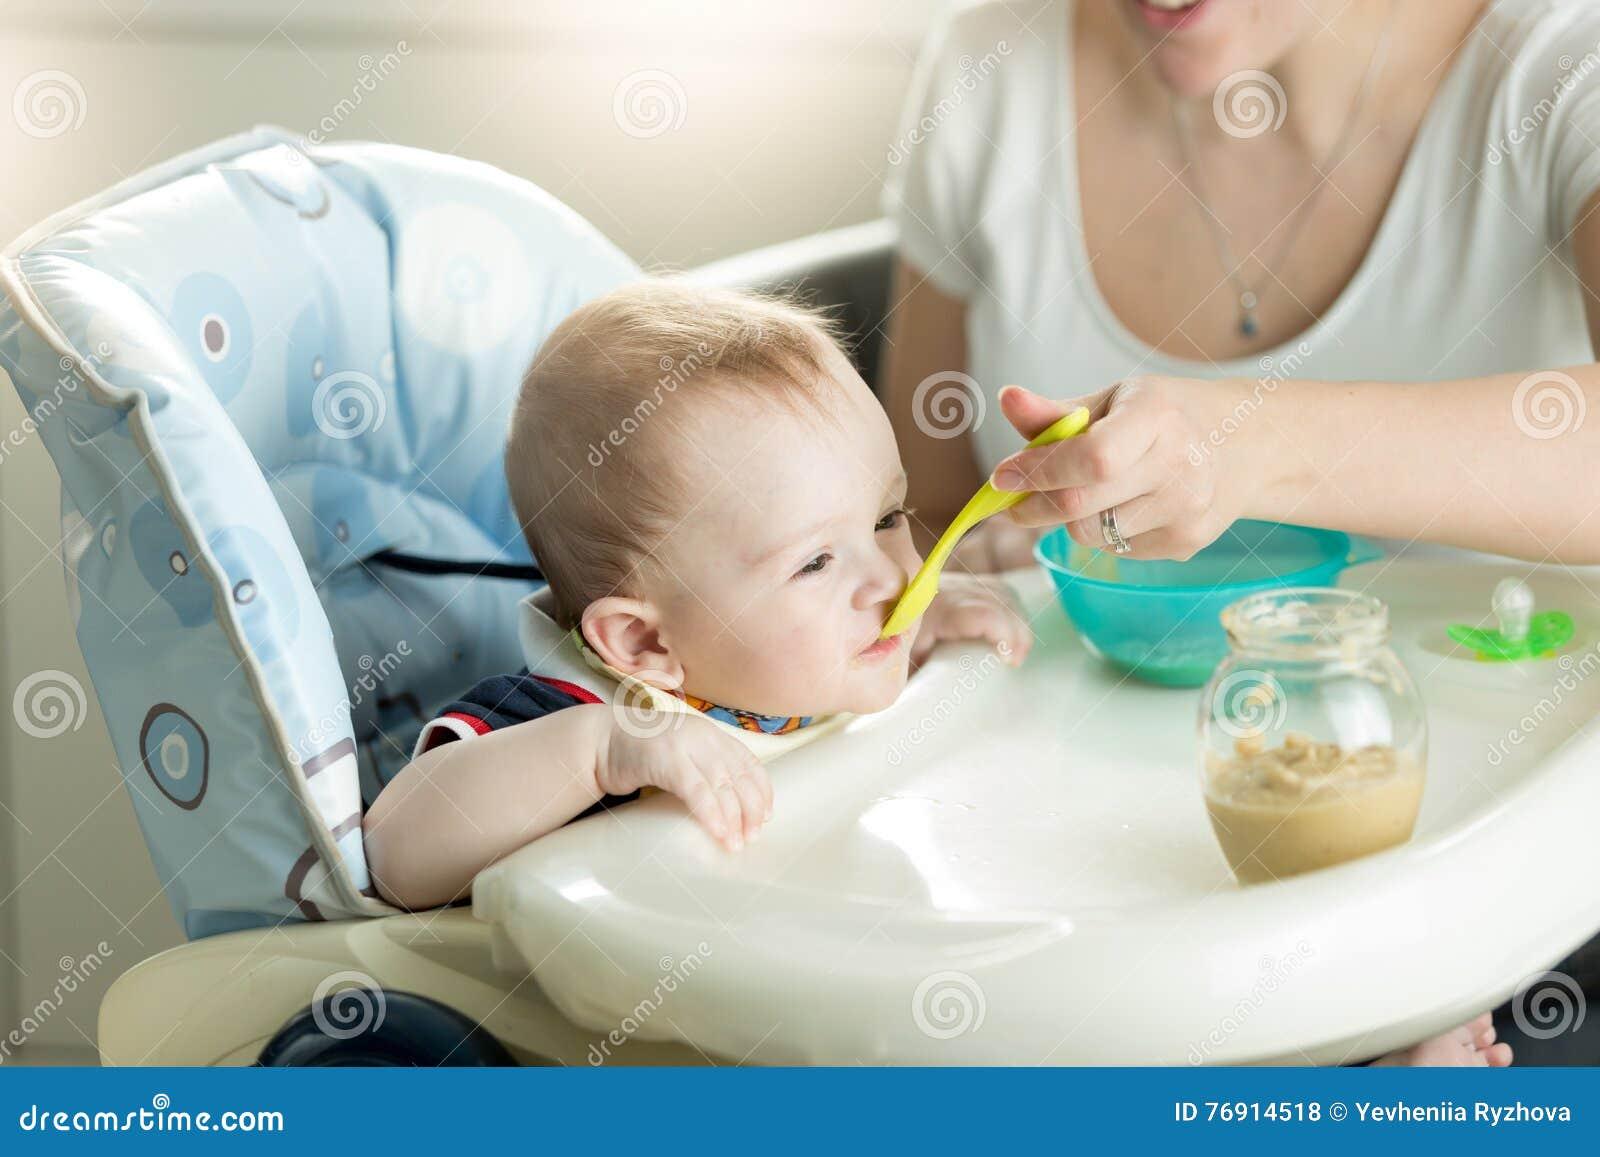 Bemuttern Sie die Fütterung ihrer 9 Monate alten Babysohns, die im Kinderstuhl sitzen